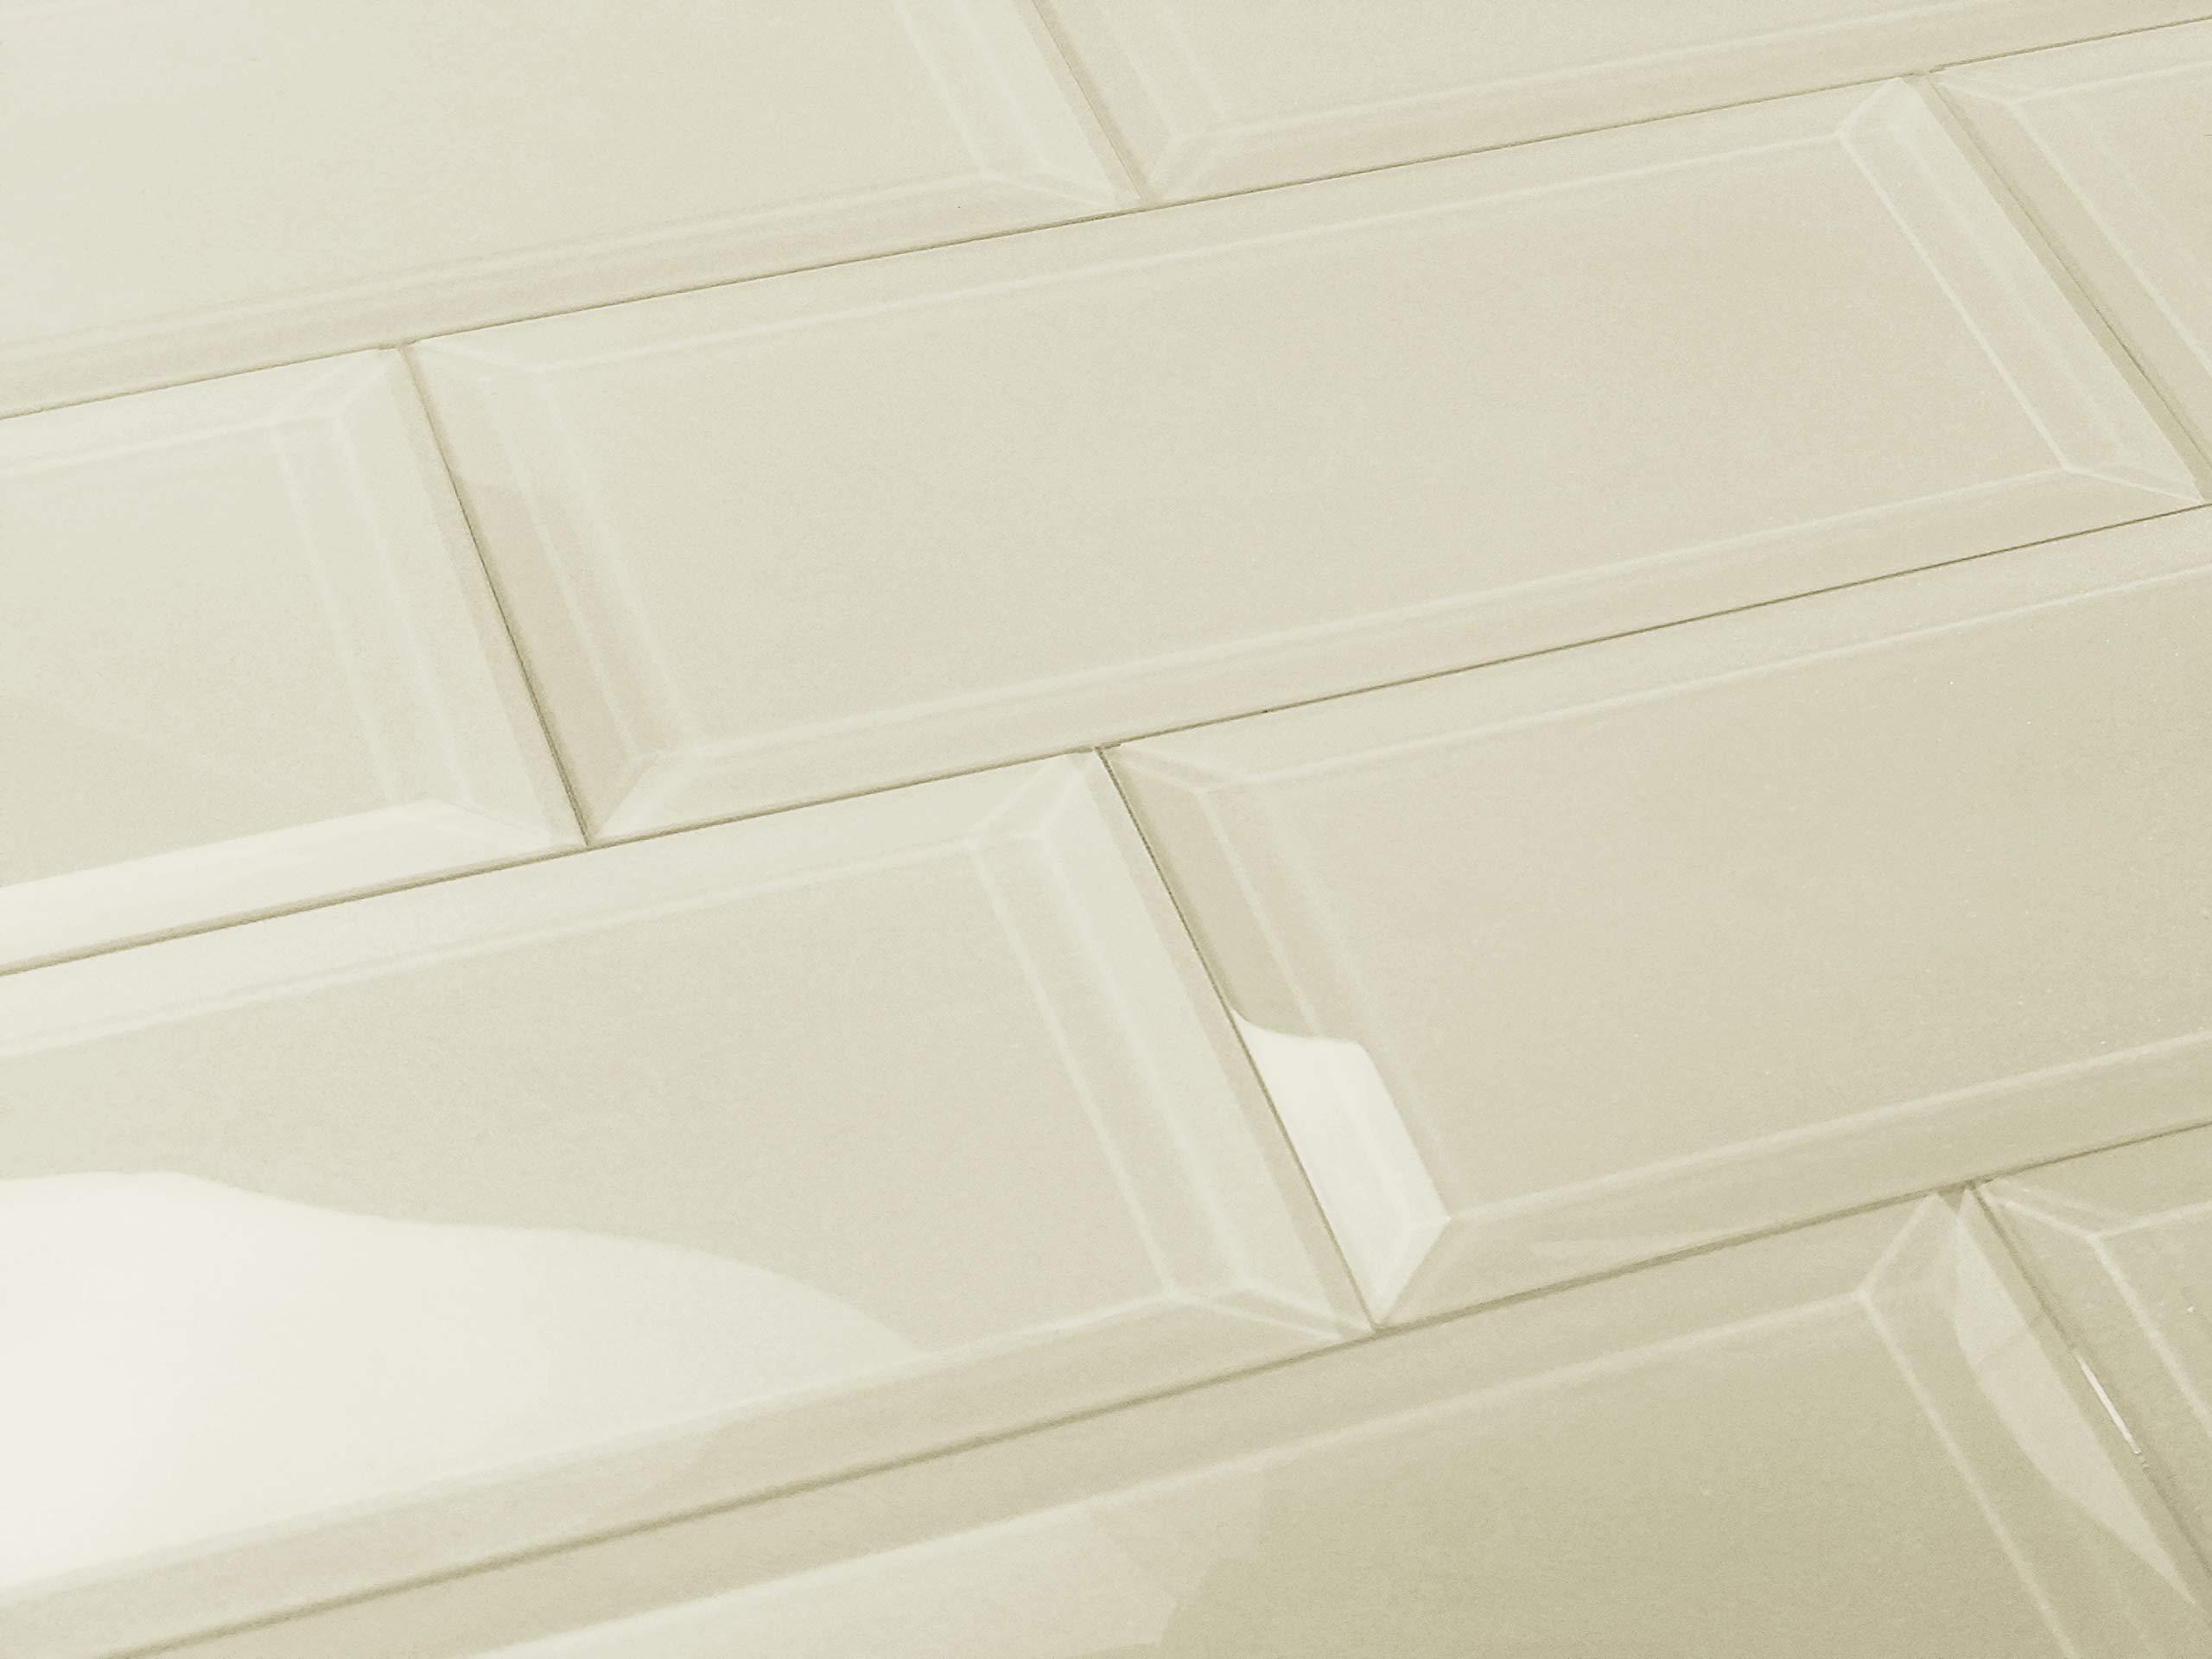 Abolos Frosted Elegance Glossy Crème 3'' x 12'' Beveled Glass Subway Backsplash Tile